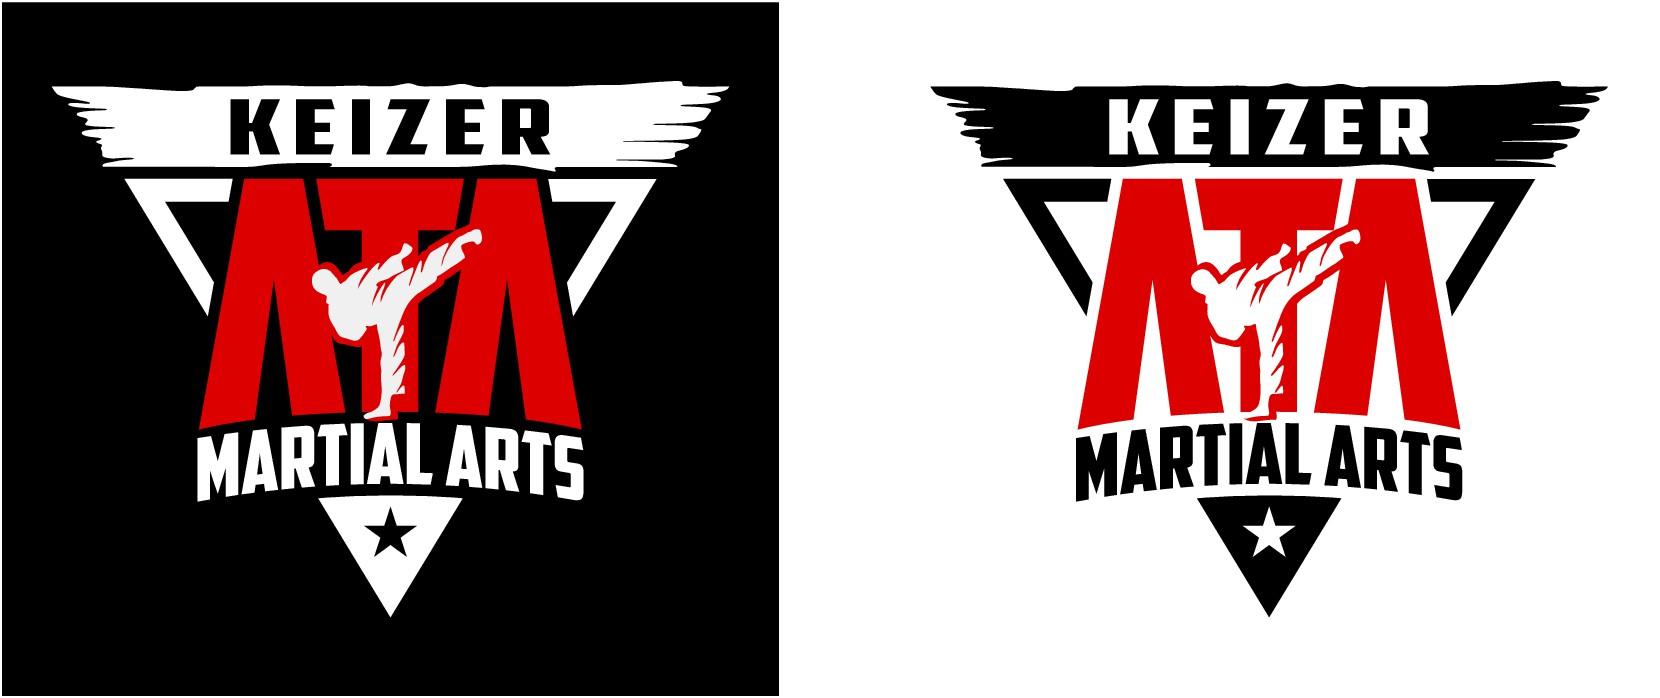 create a fun attention grabbing logo for martial arts studio